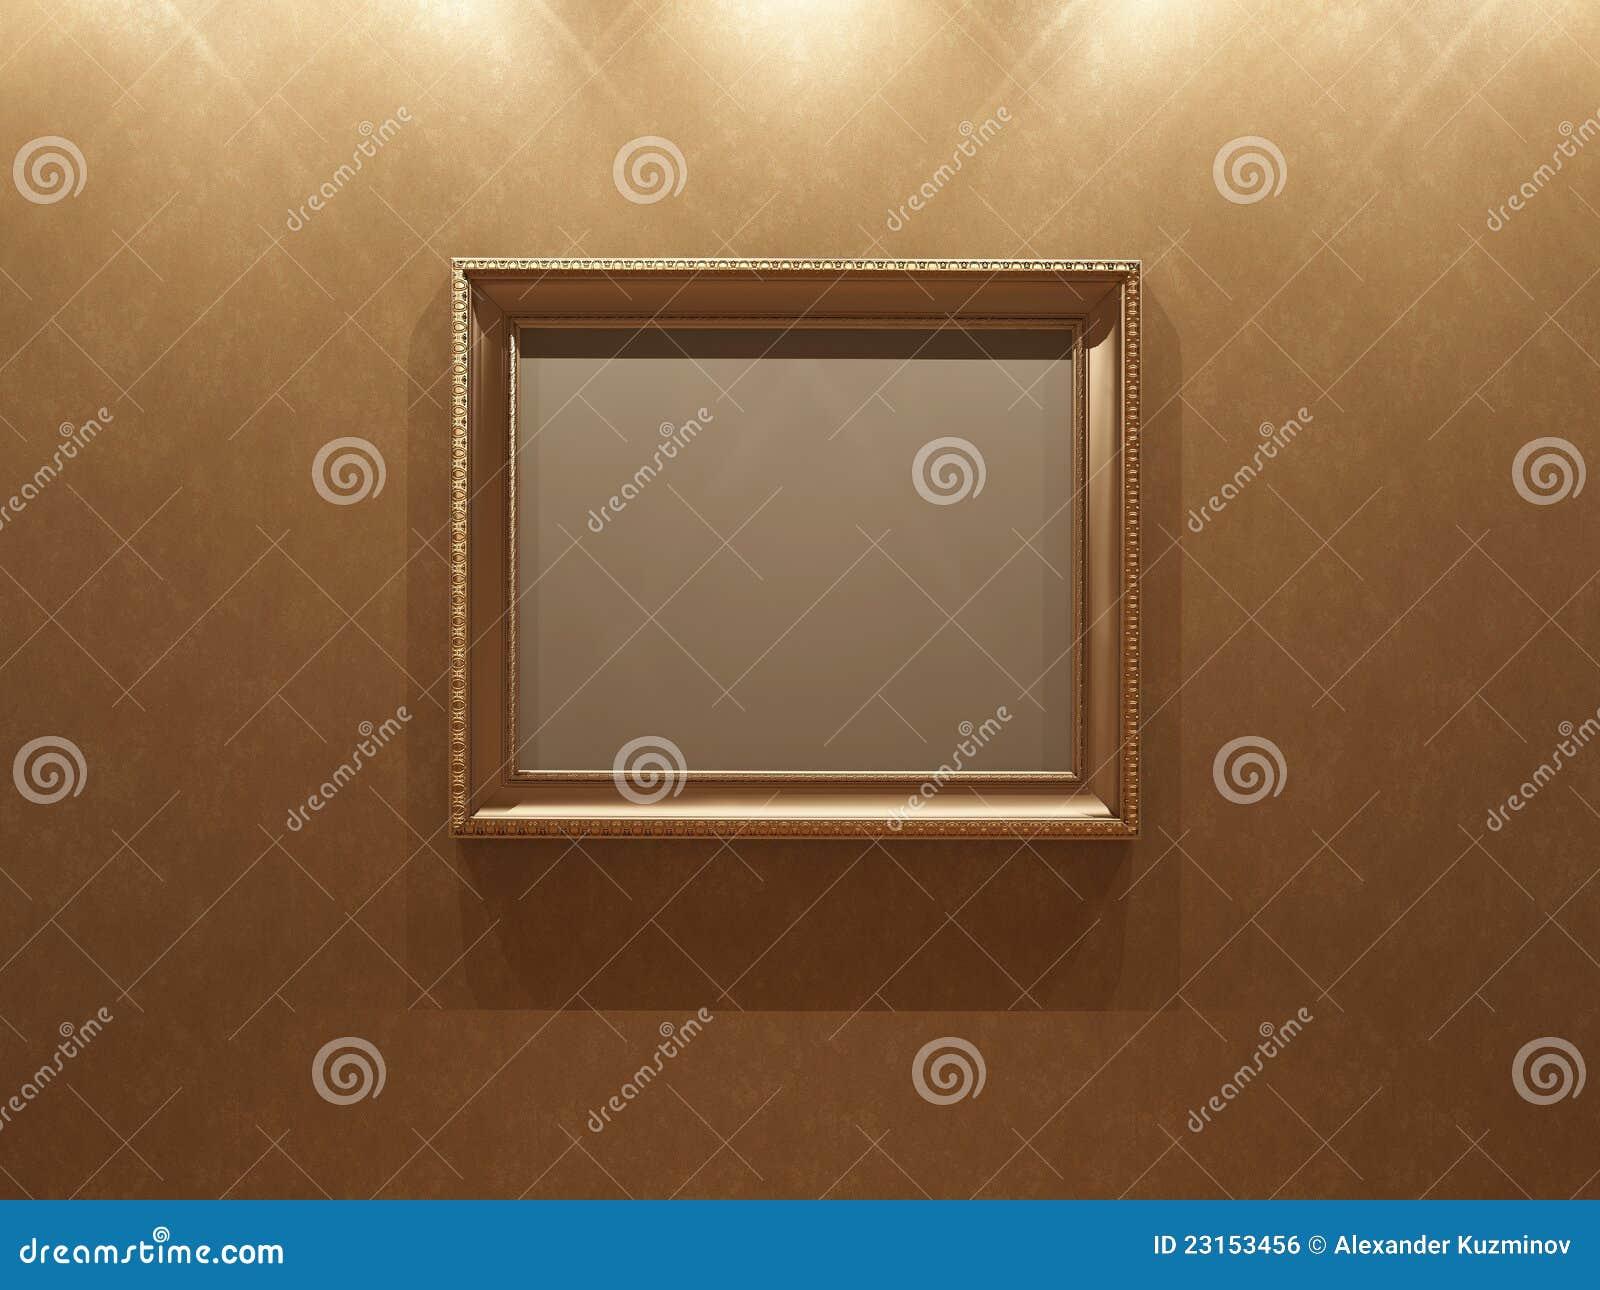 Stucco On Frame : Frame on stucco wall royalty free stock image